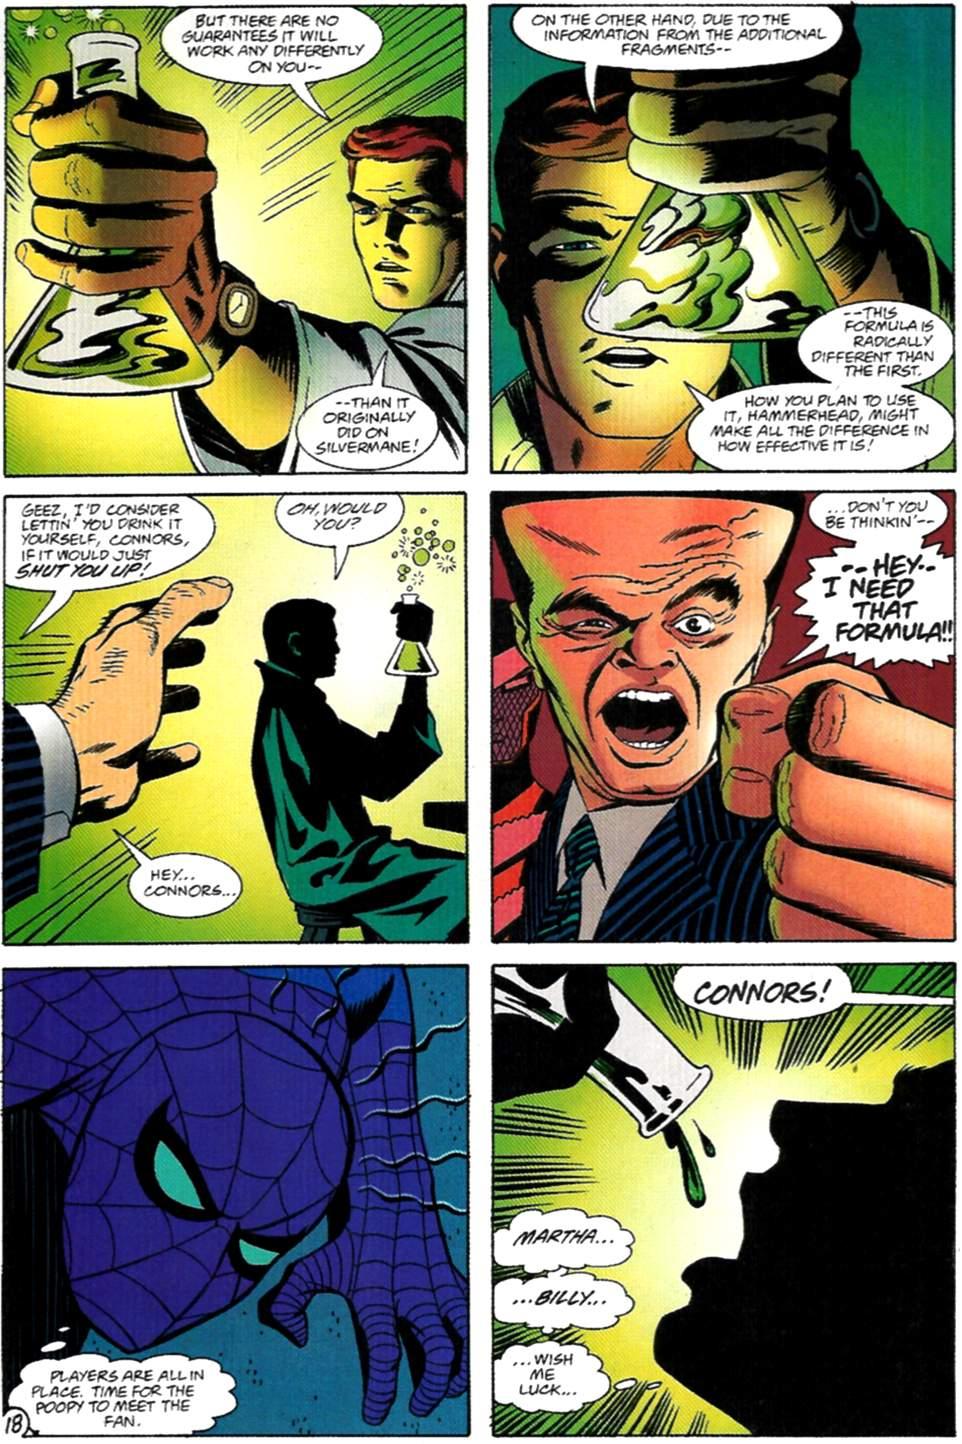 Read online Spider-Man: Lifeline comic -  Issue #2 - 19